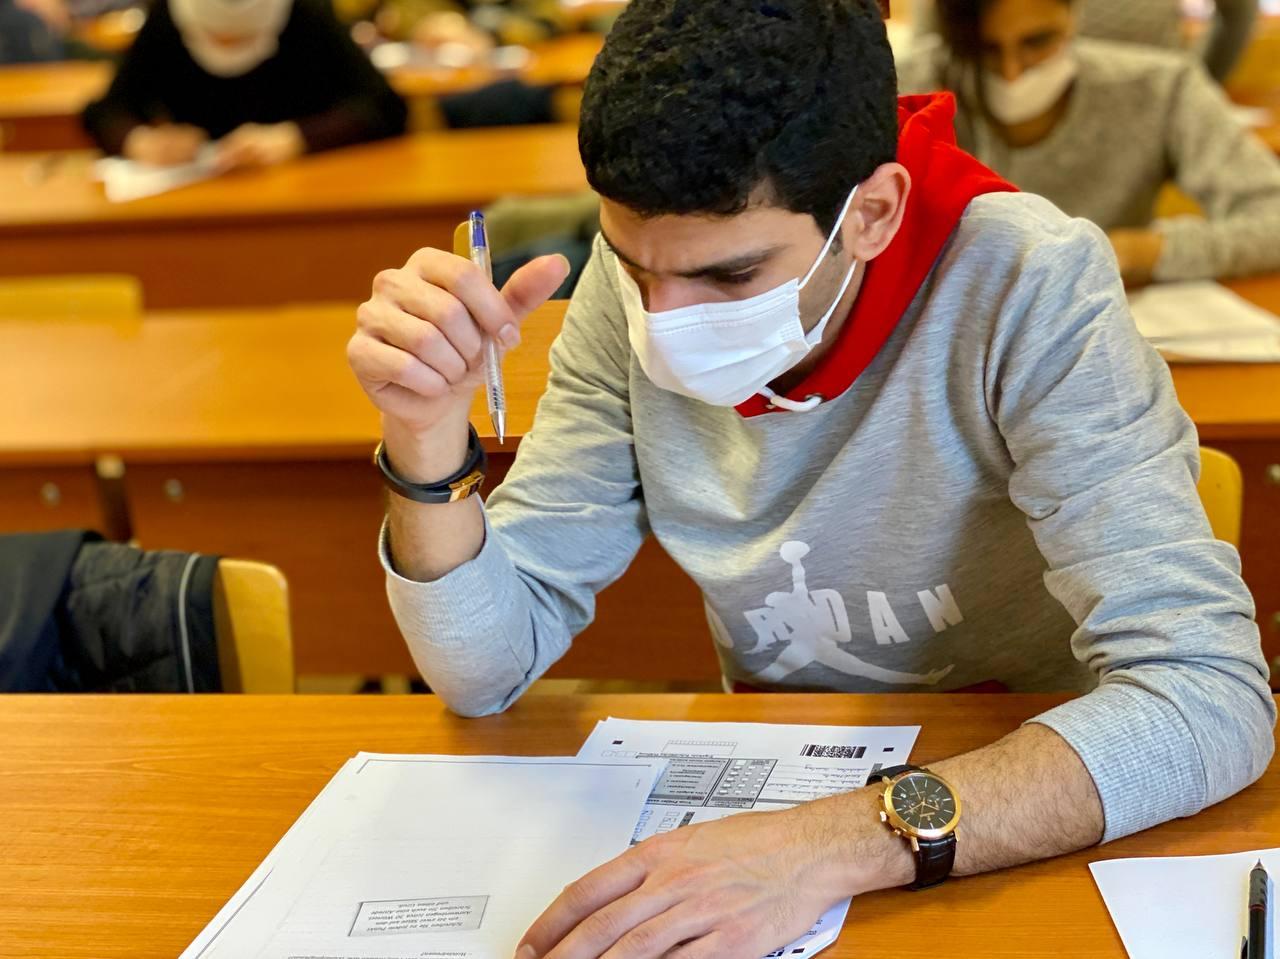 AIC Semi-Final Exam